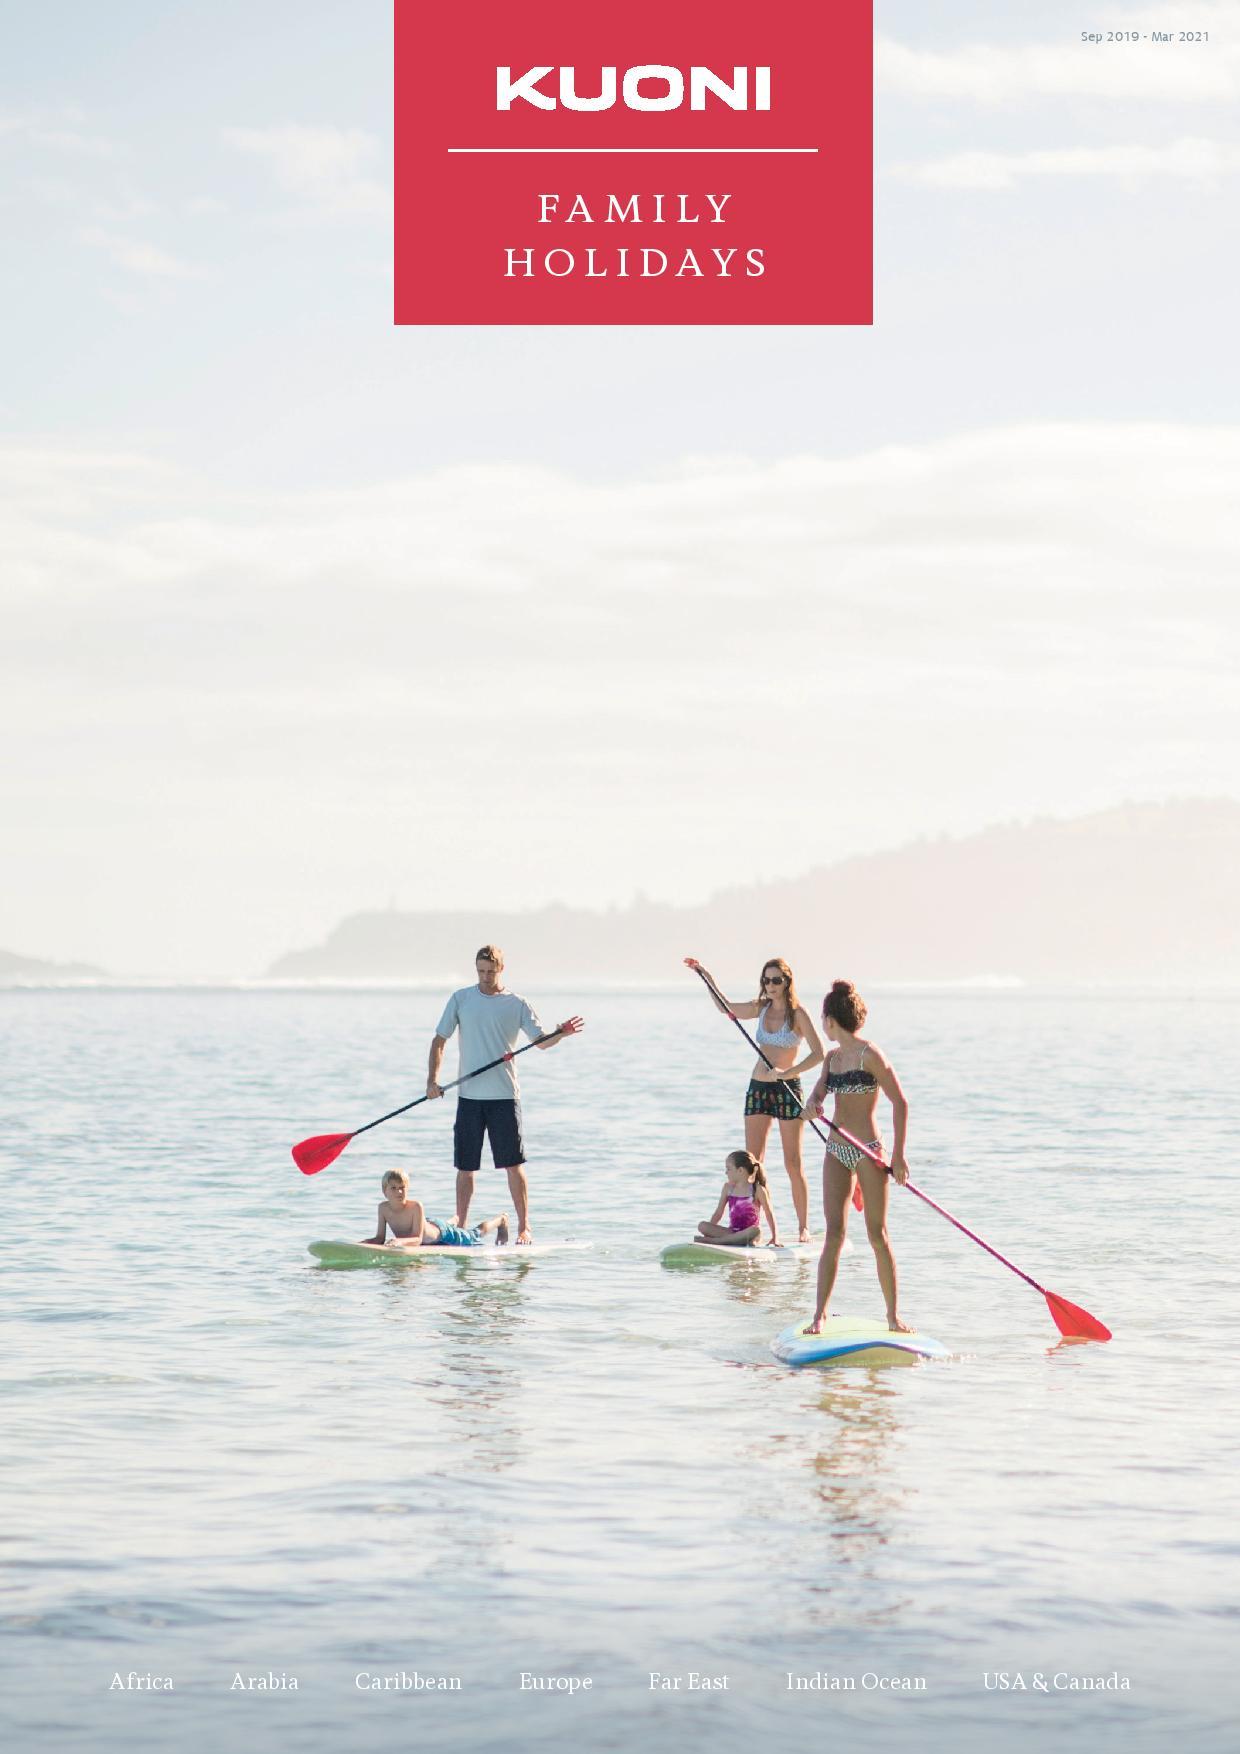 Kuoni's Family Holidays brochure